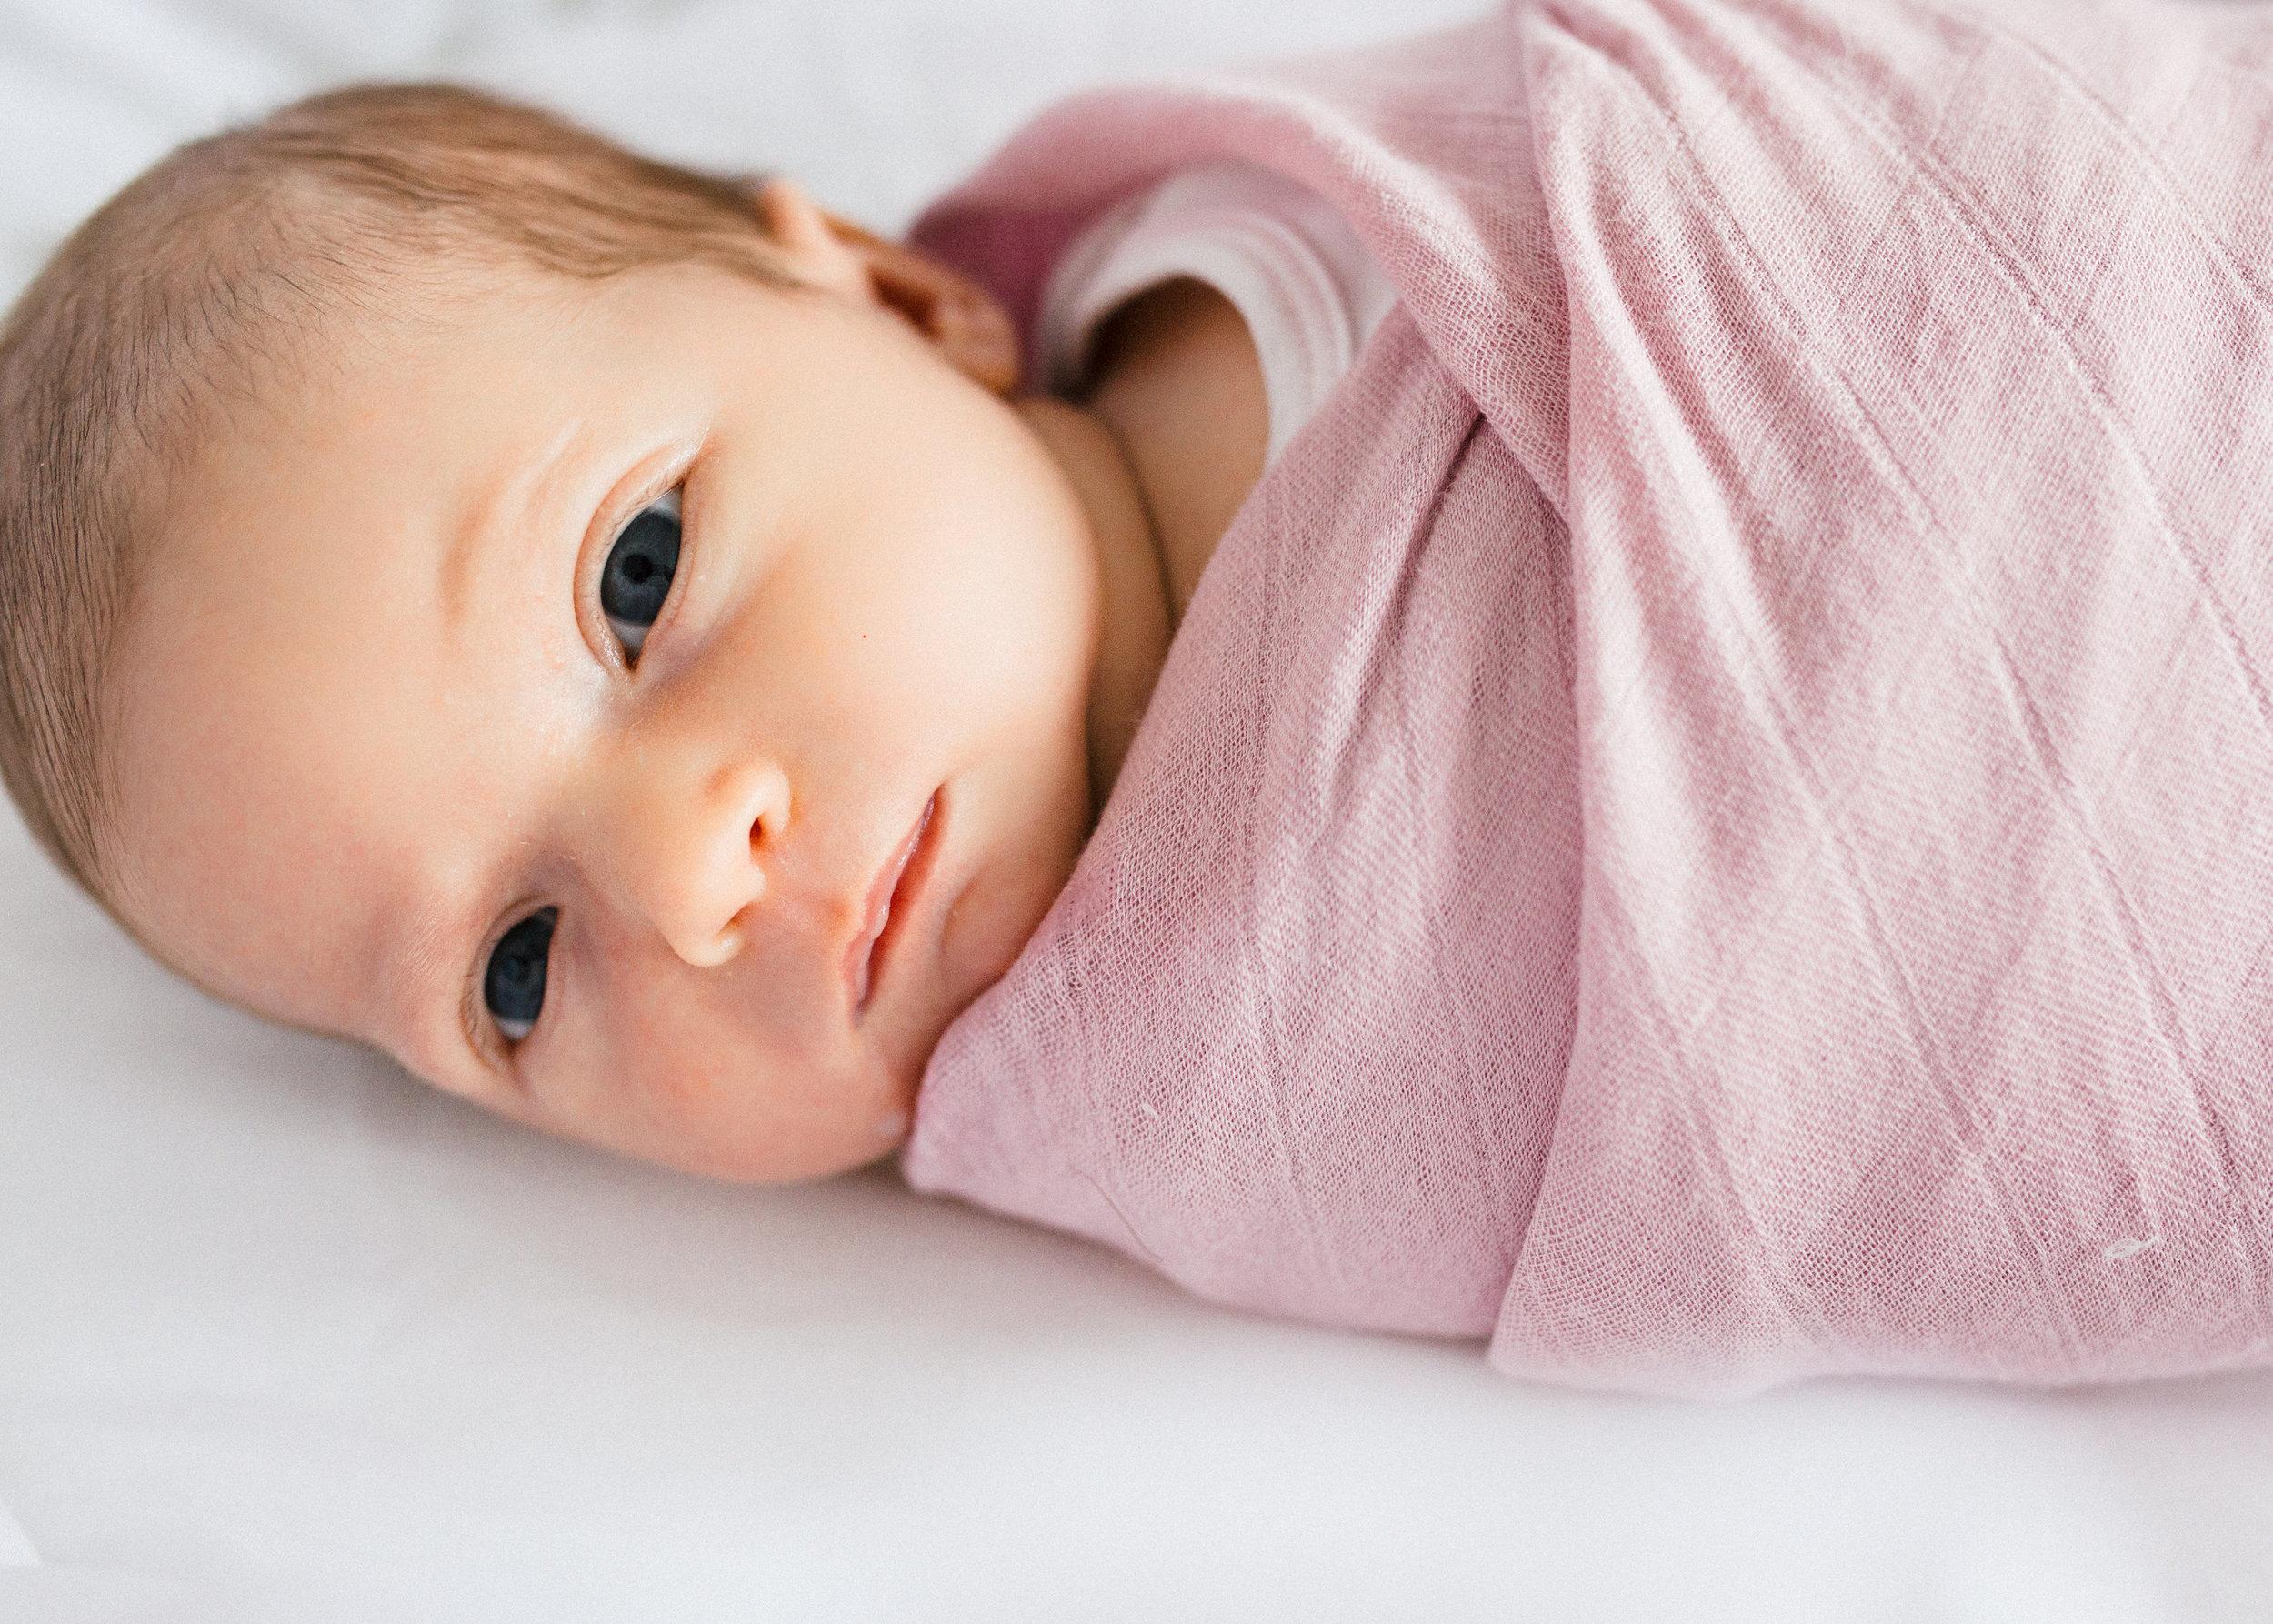 baby-raya_nyc-newborn-photography-2-6.jpg